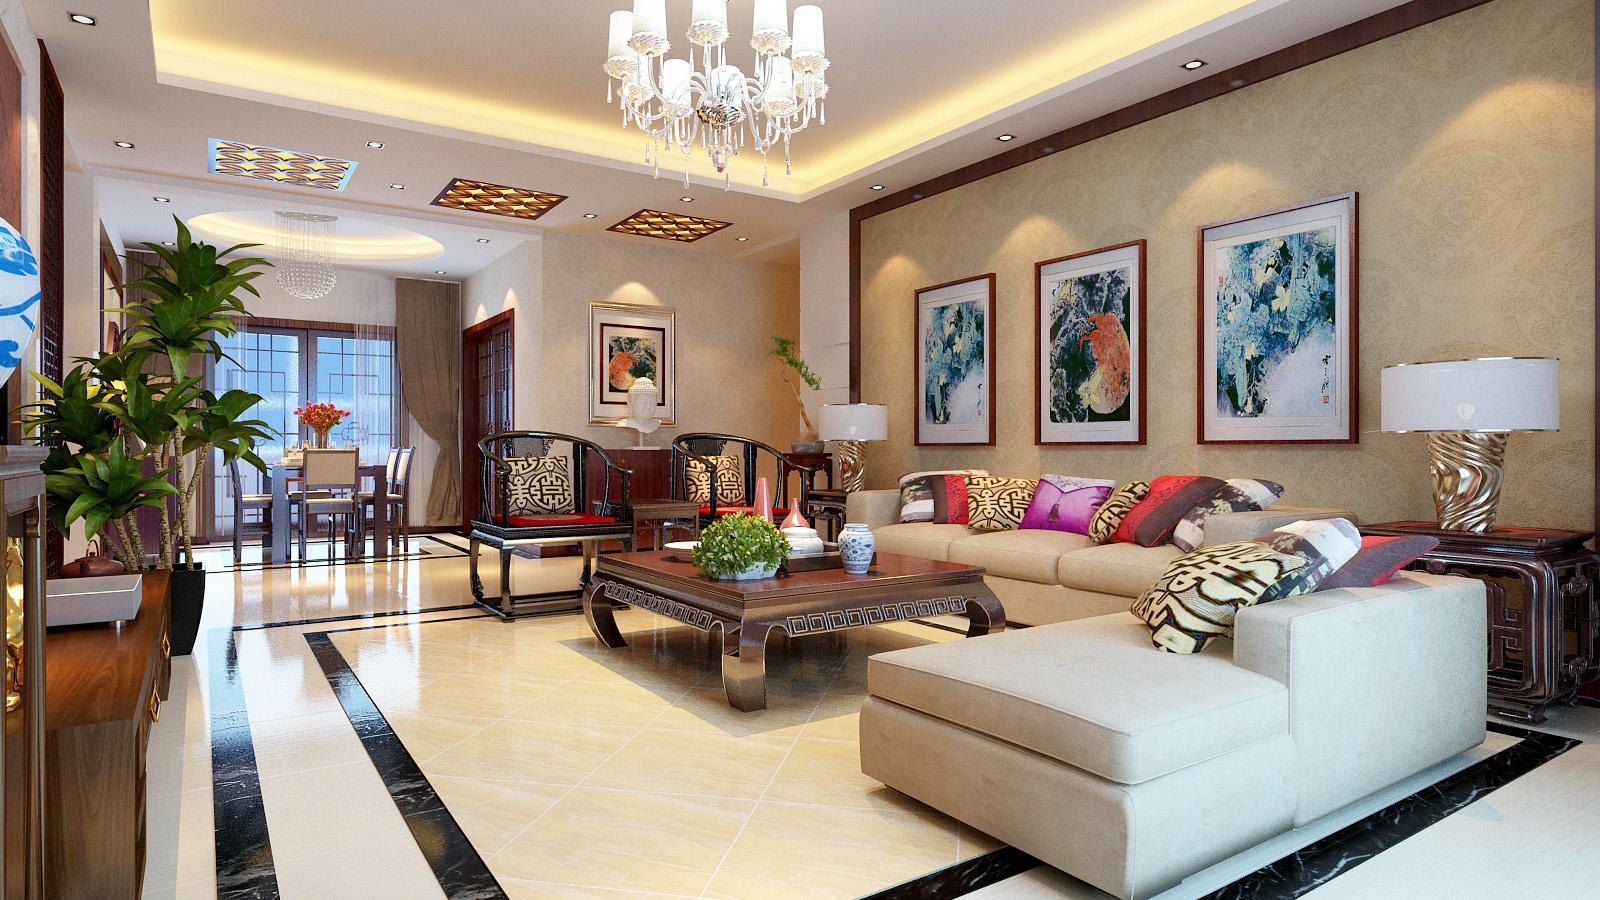 沙发背影墙采用米色壁纸,映射了整个空间的色彩亮度,三幅古典装饰画图片